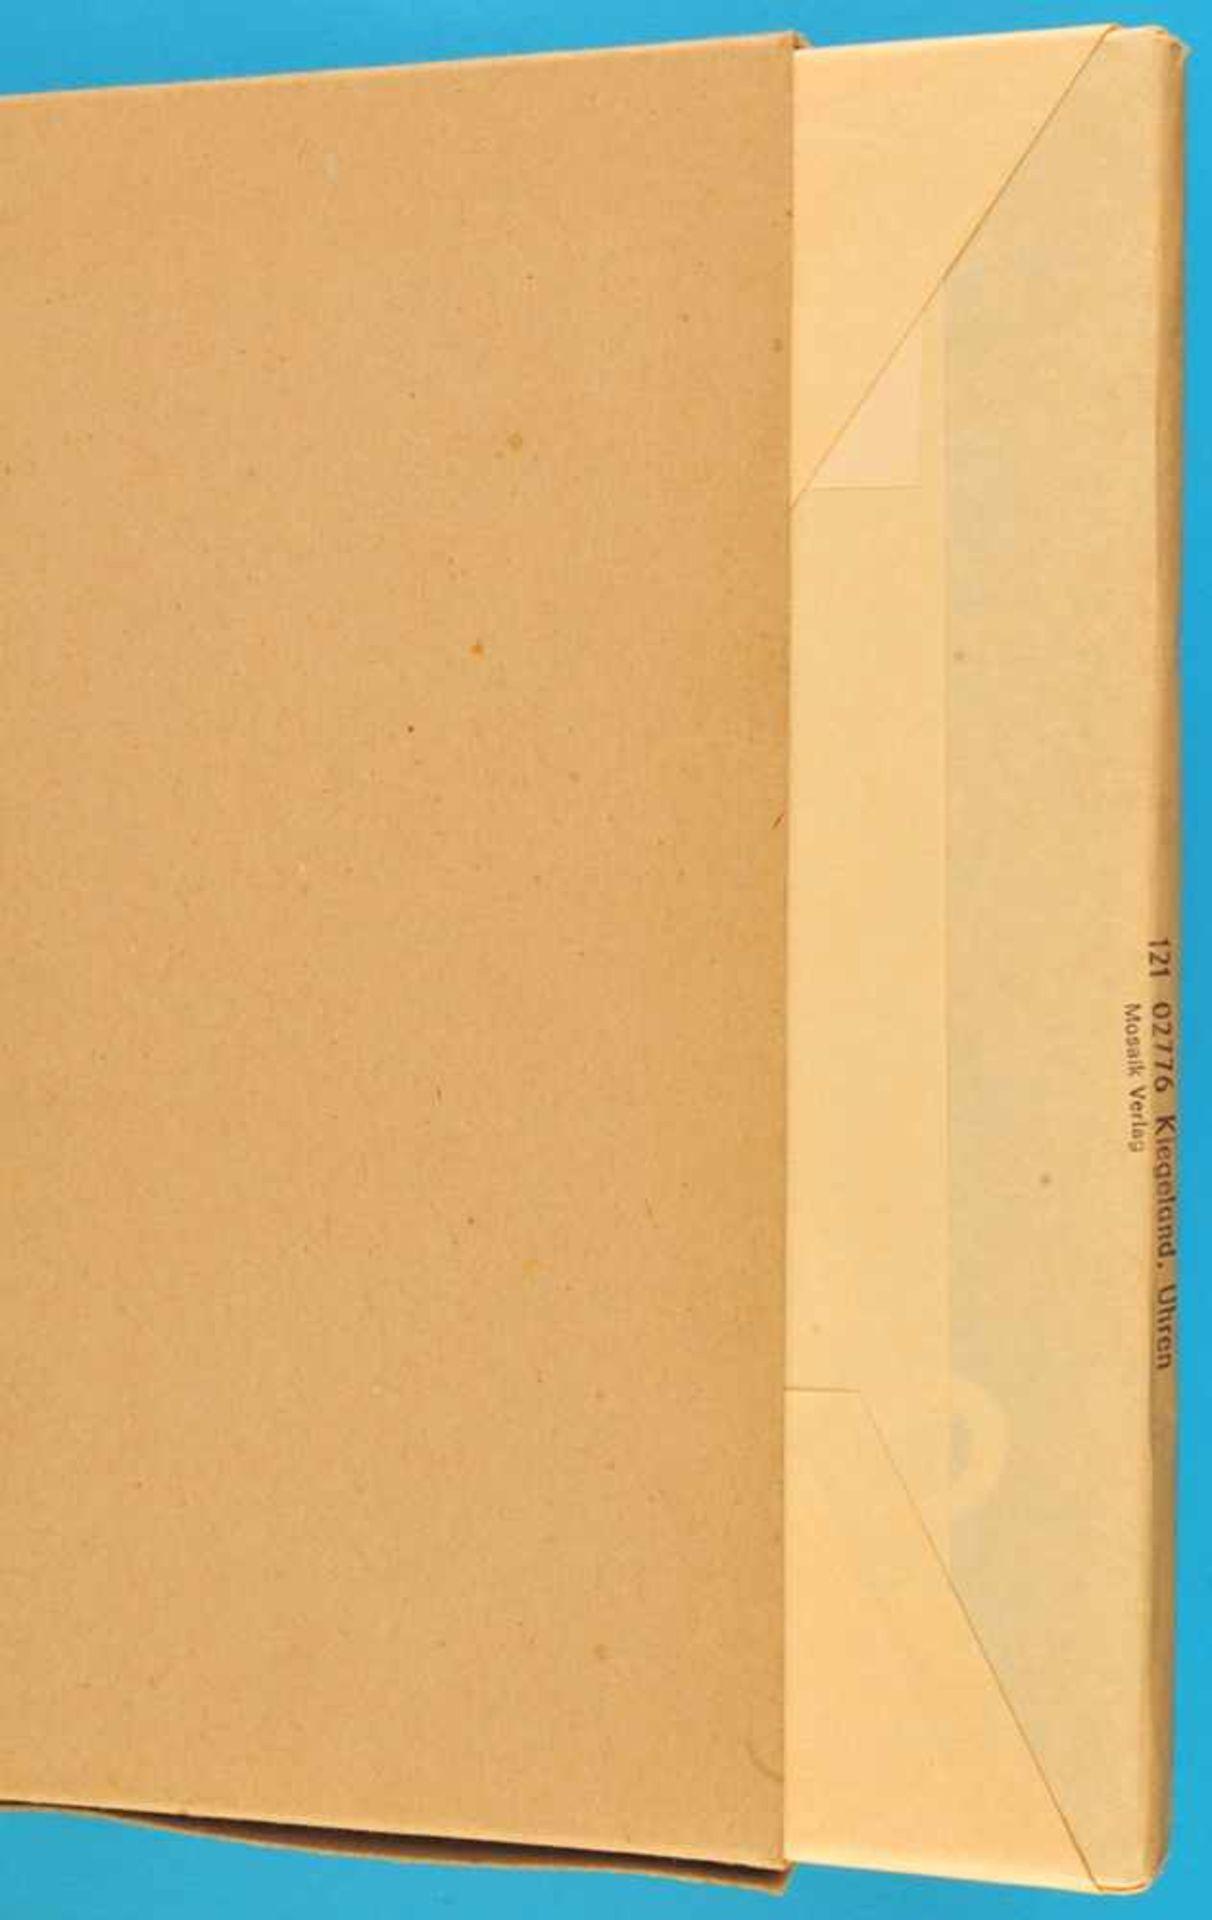 Los 19 - Burkhard Kiegeland, Uhren, 1976, 144 Seiten mit vielen s/w- und FarbabbildungenBurkhard Kiegeland,